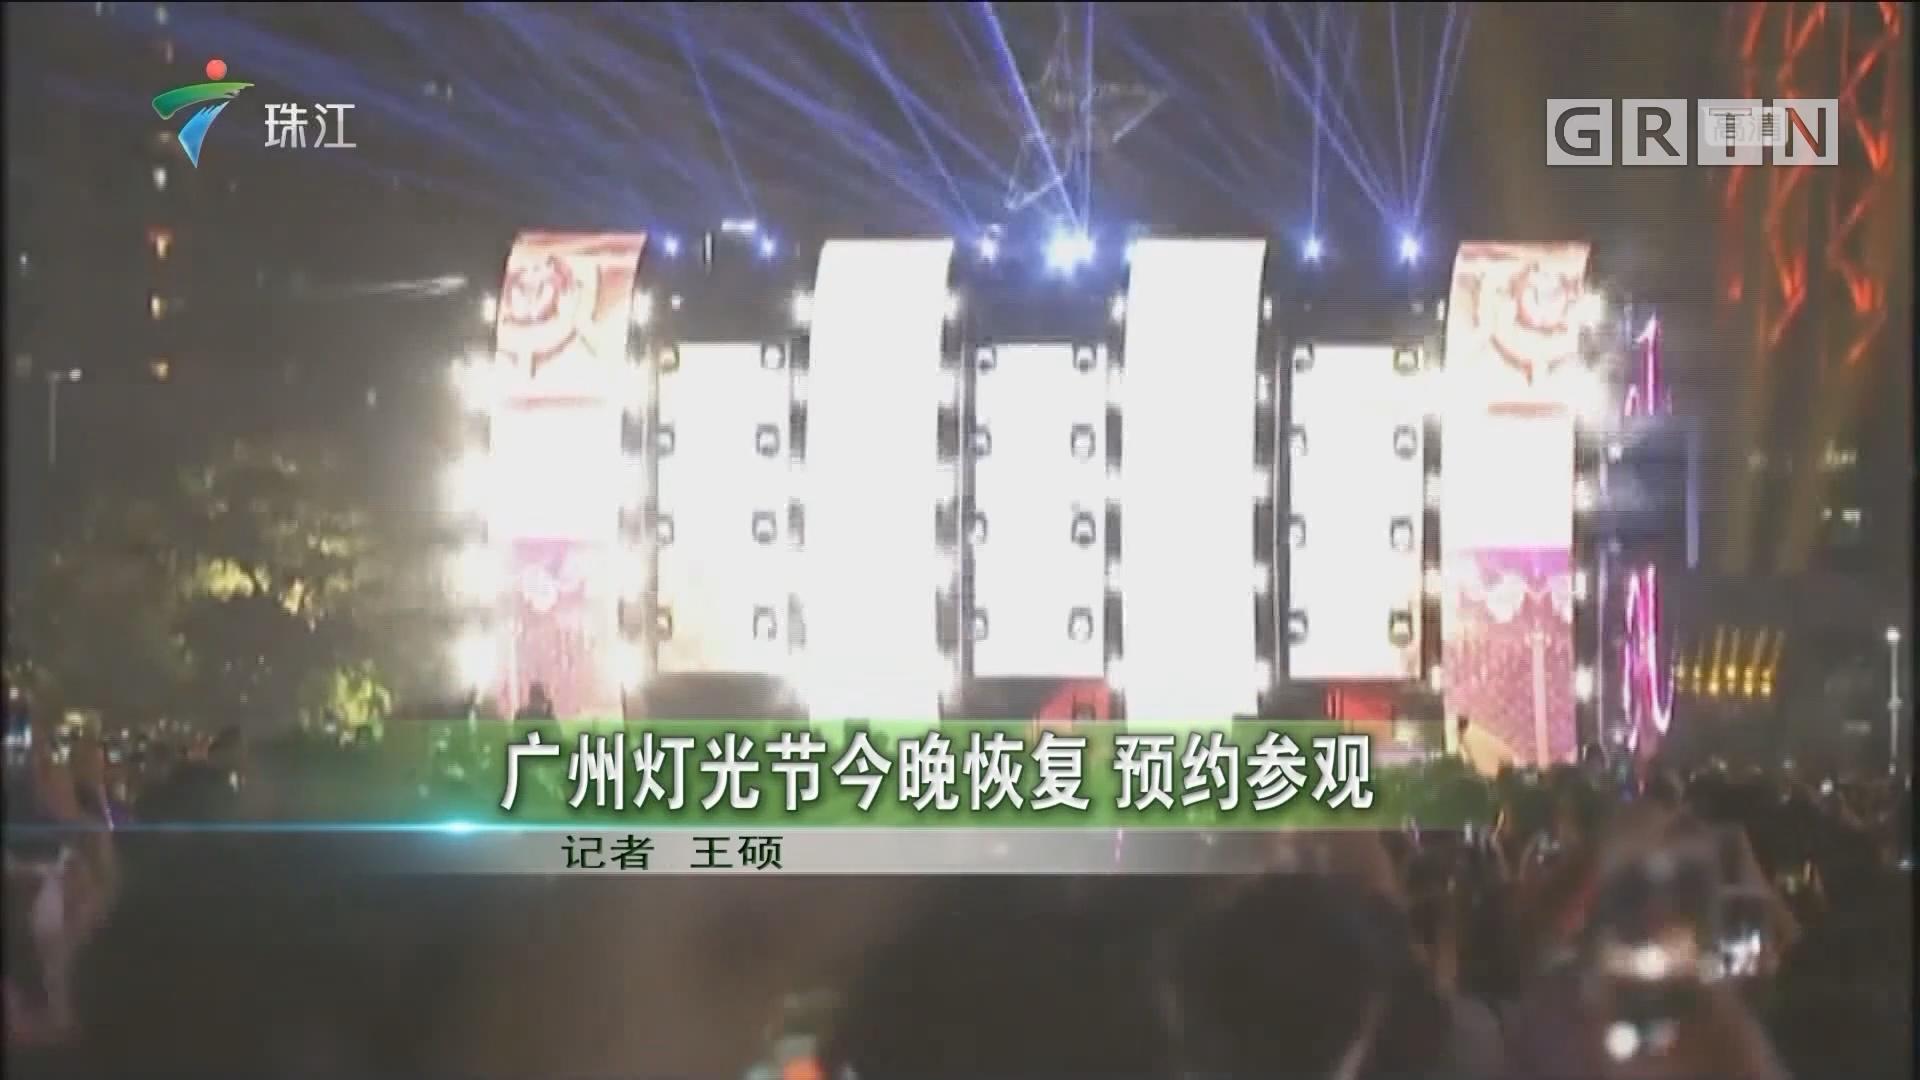 广州灯光节今晚恢复 预约参观